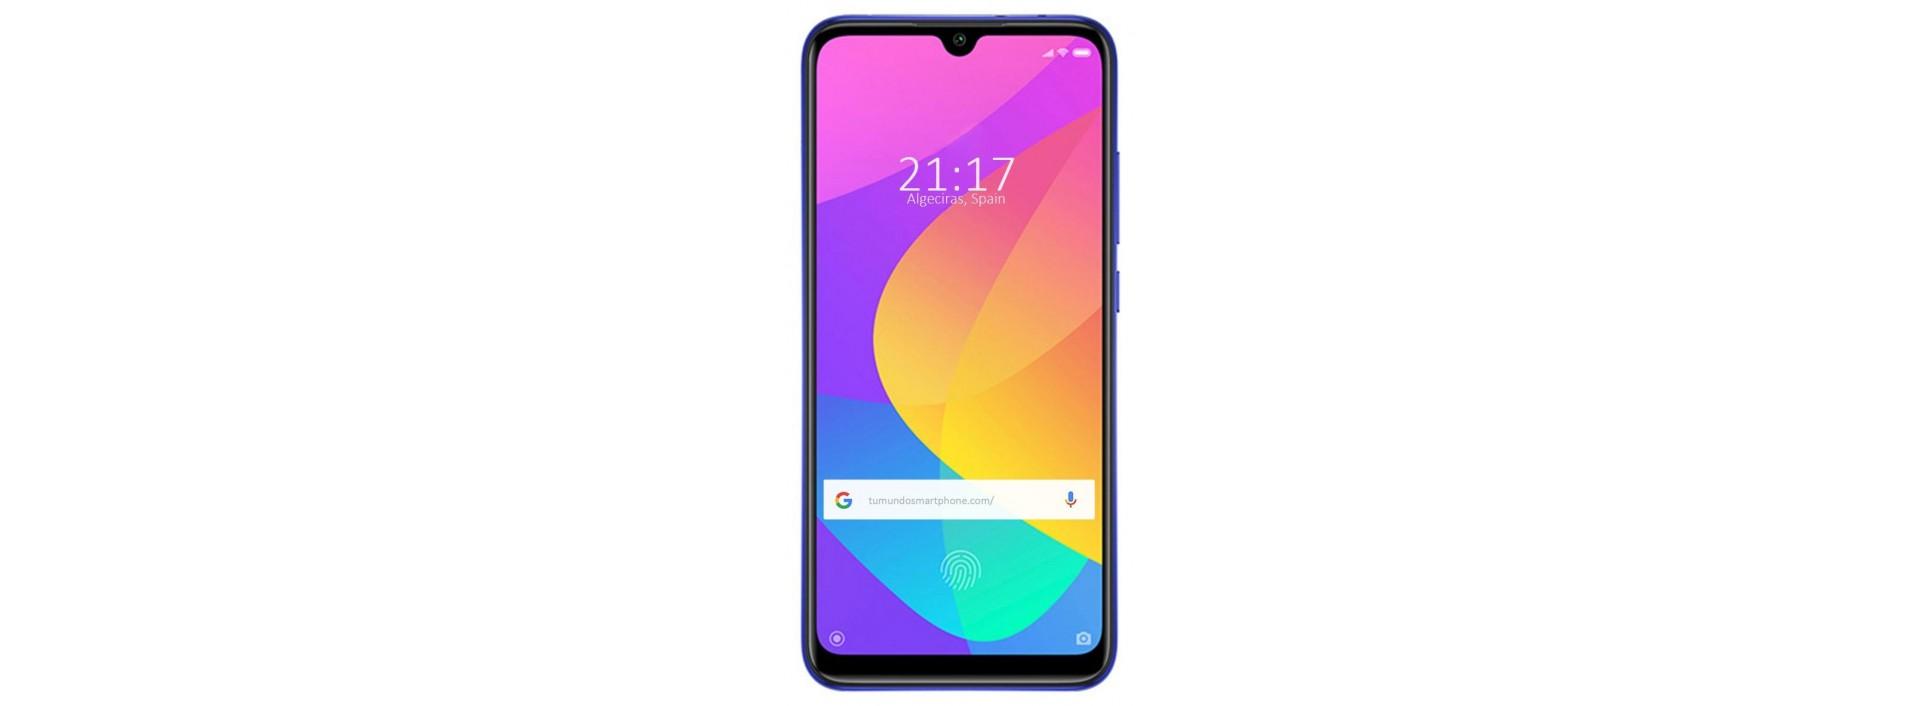 Fundas PERSONALIZADAS Xiaomi Mi 9 Lite, compra ya, Envío Gratis en TMS